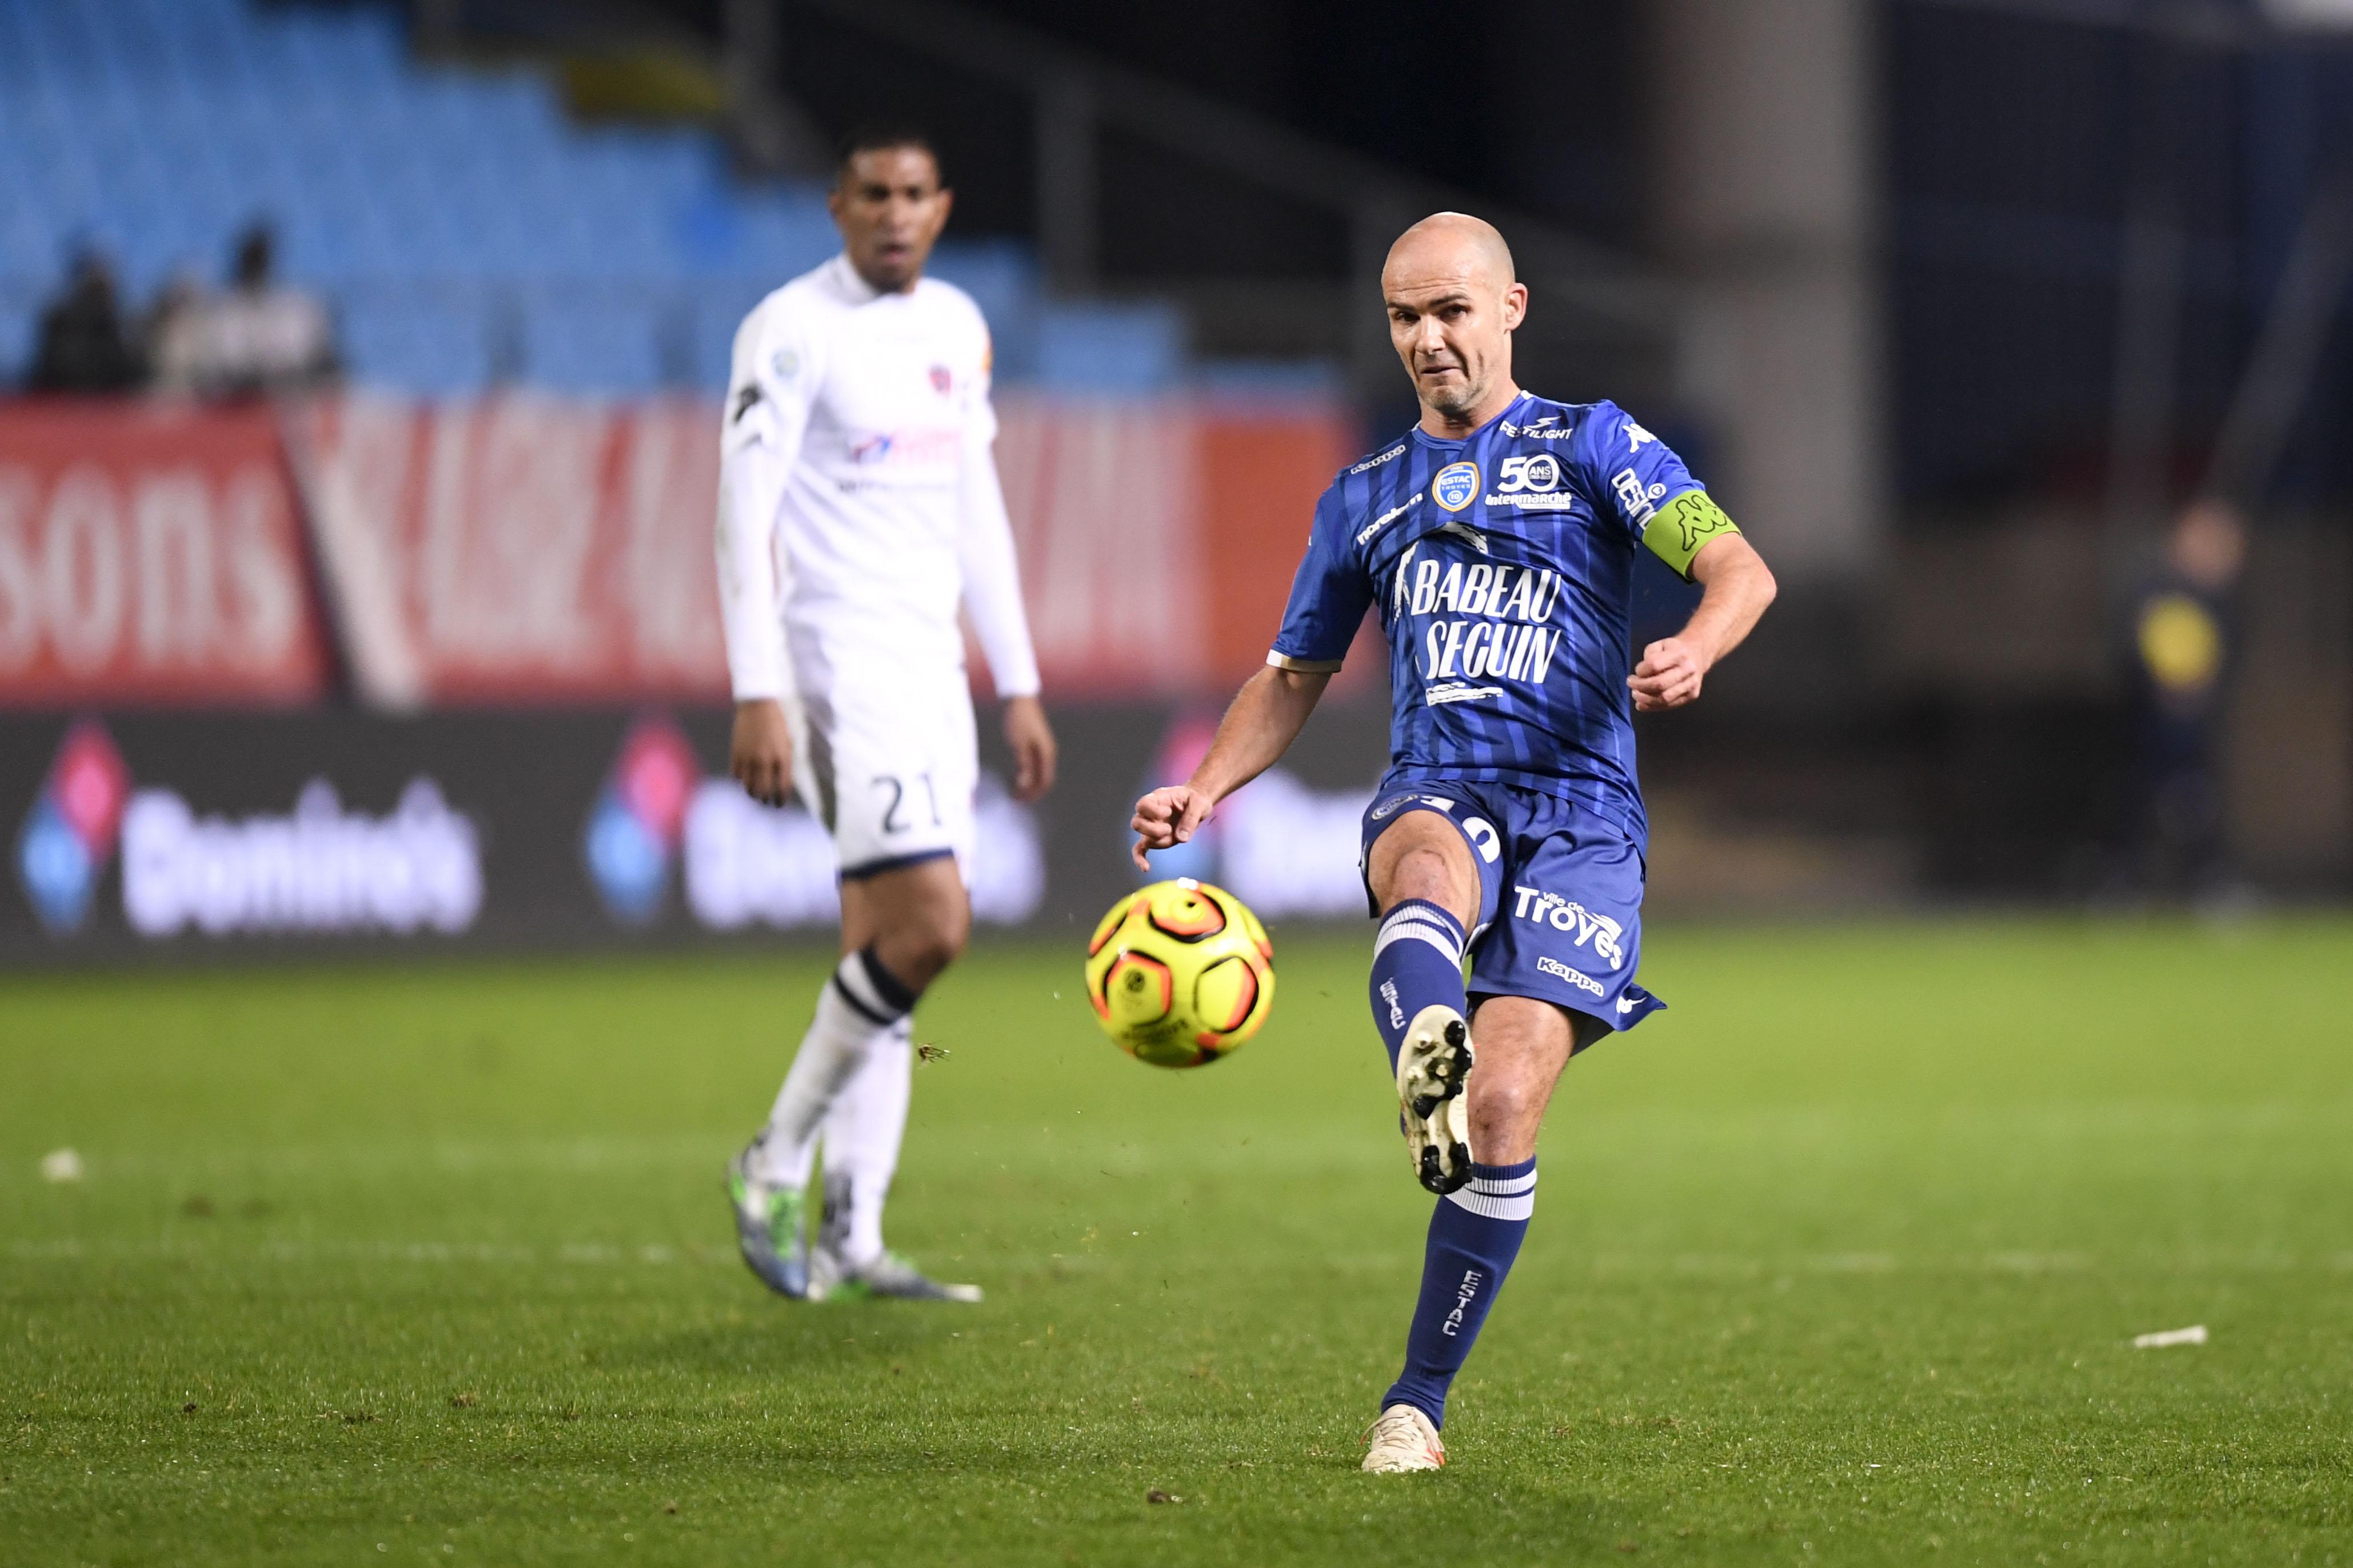 Football - Ligue 2 - Barrages L1/L2: Troyes-Lens en direct